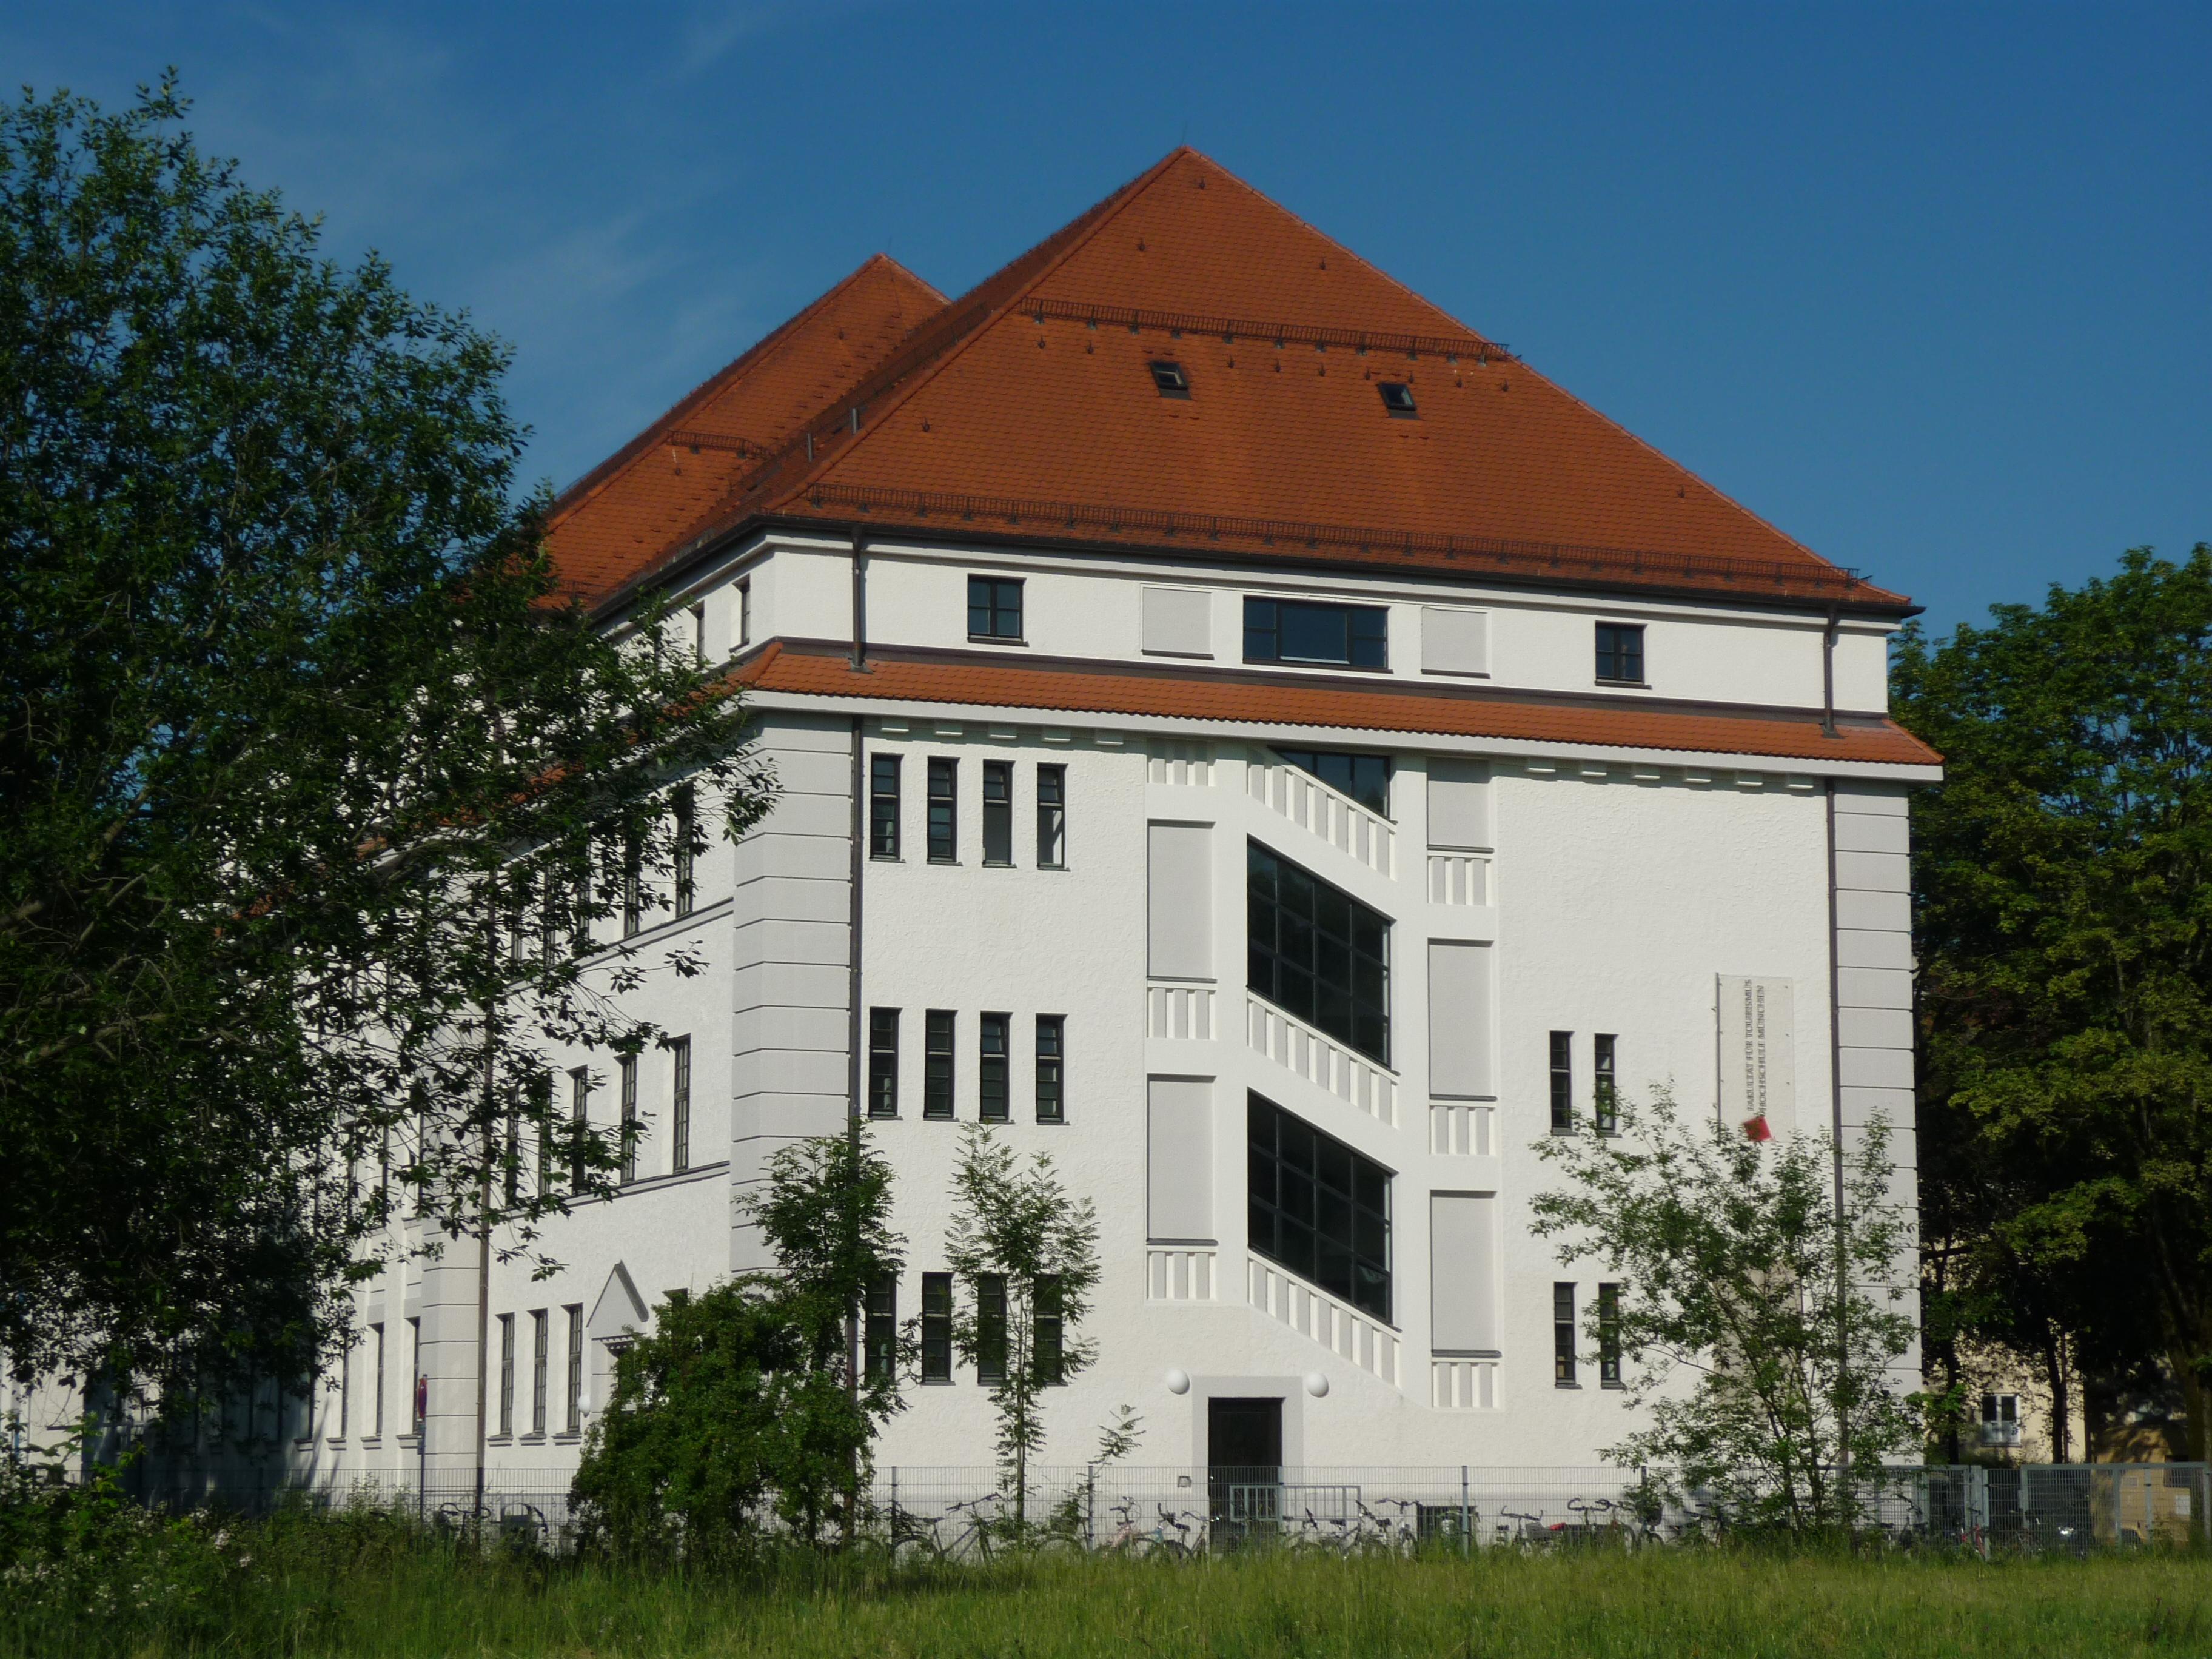 die fakultt fr tourismus hochschule mnchen - Hochschule Mnchen Bewerbung